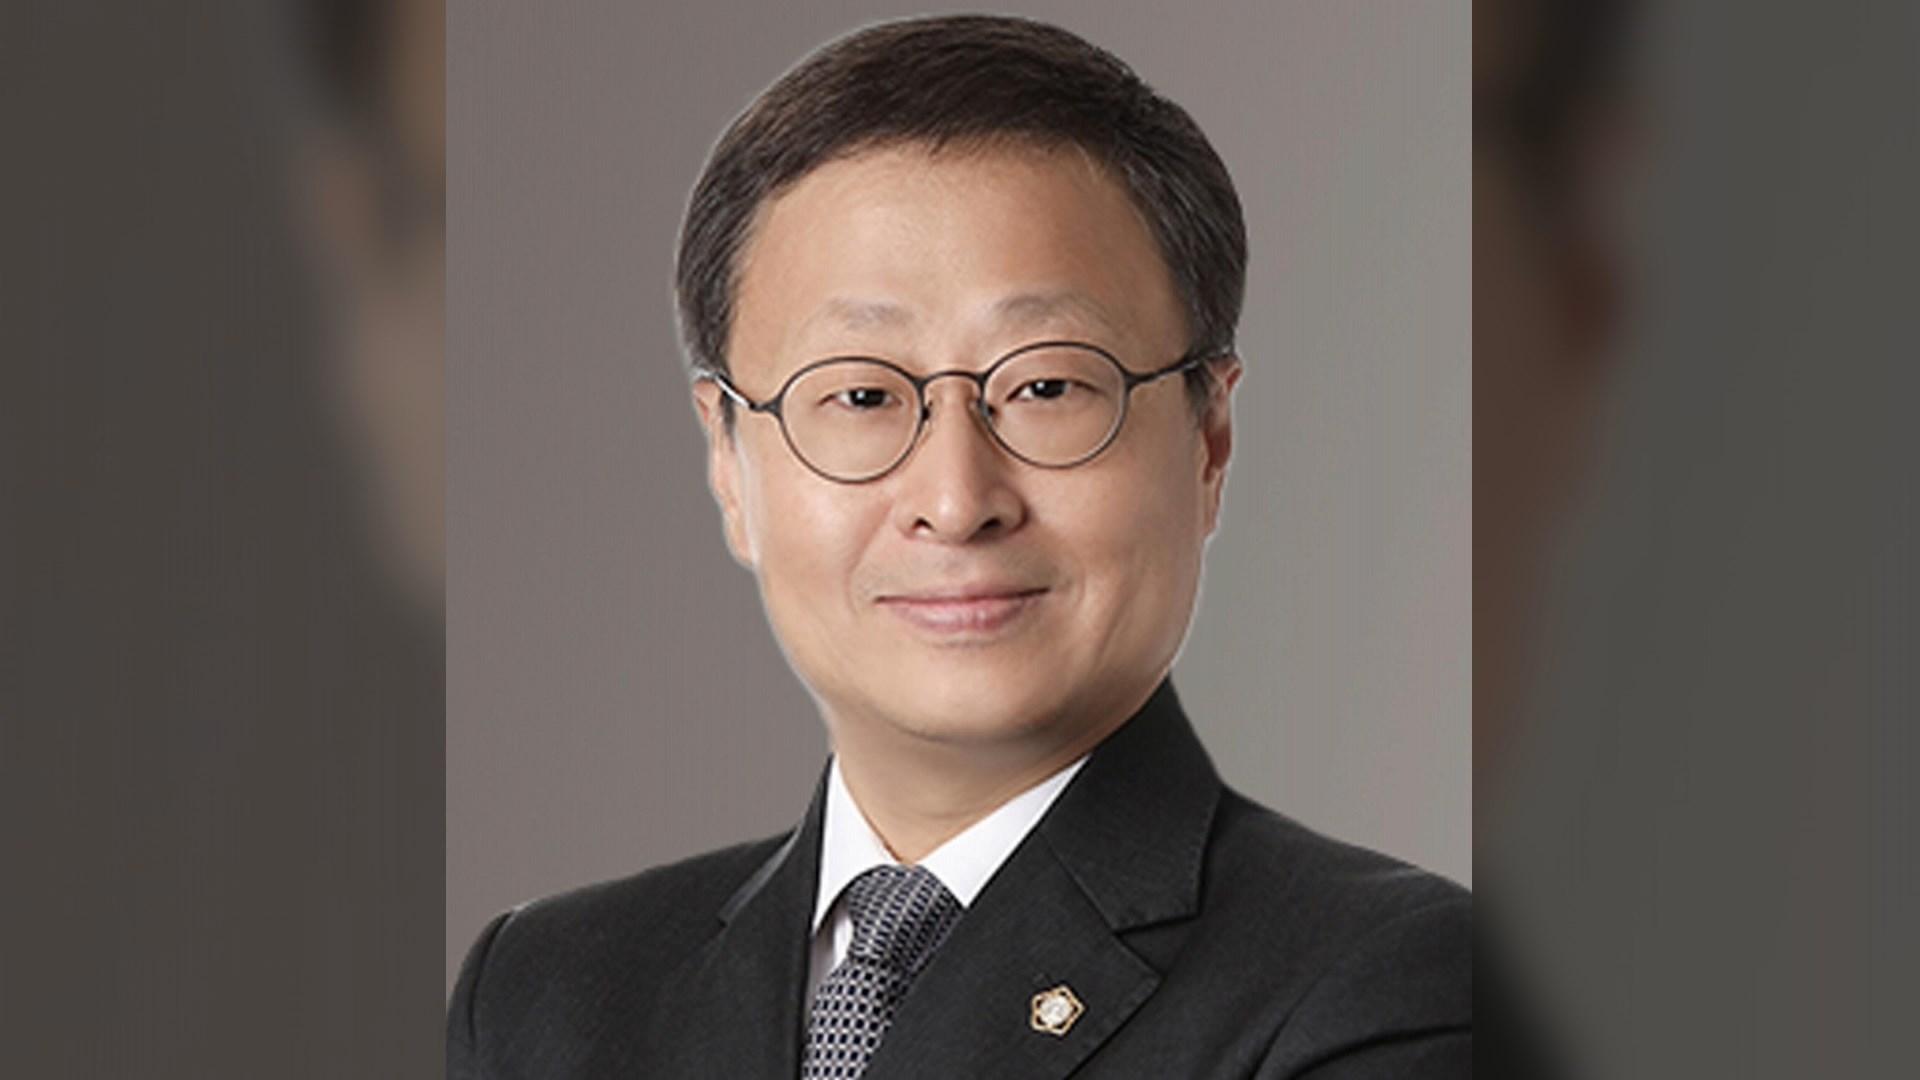 野 공수처 인사위원에 '검사와의 대화' 김영종 추천